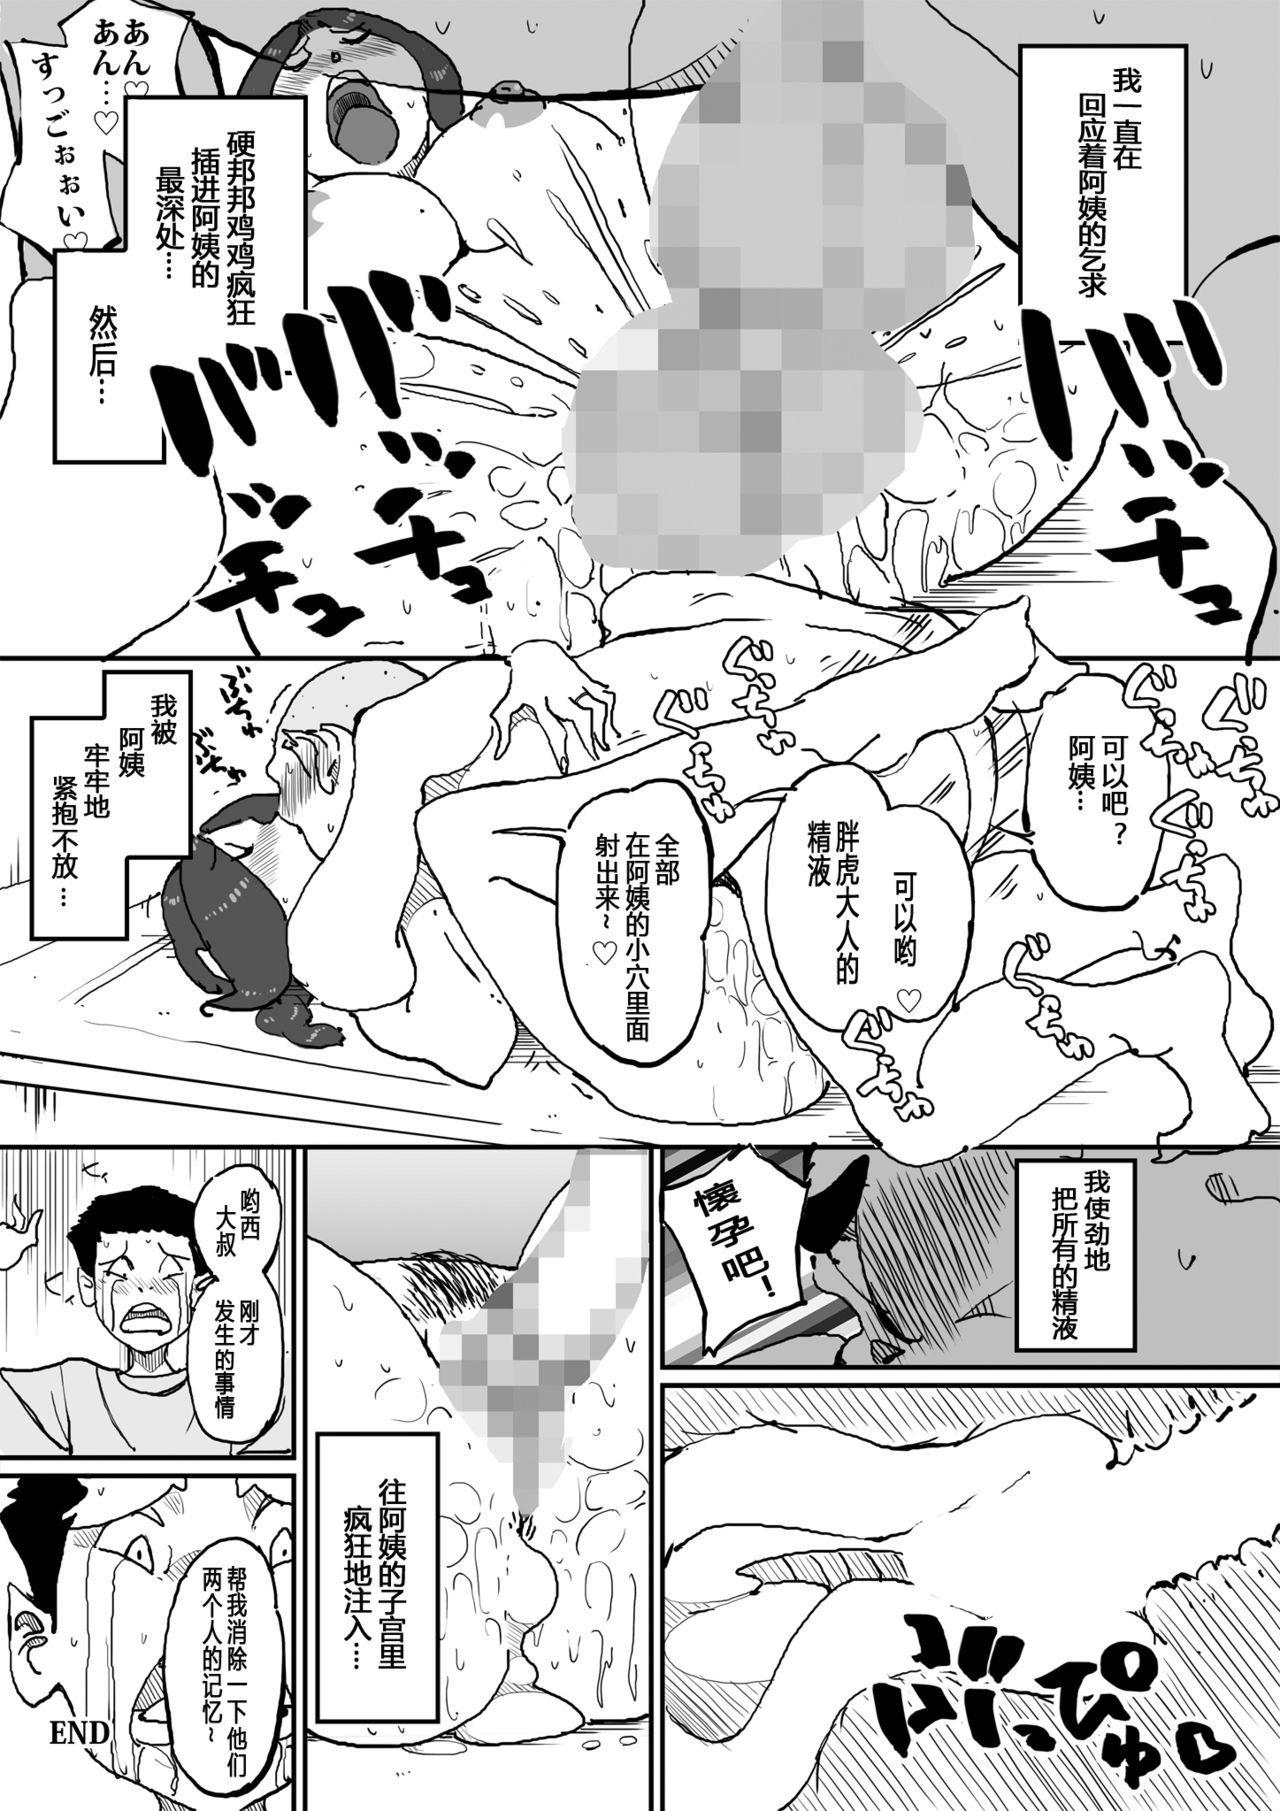 Aitsu no Kaachan to Yaritai・・・ 20